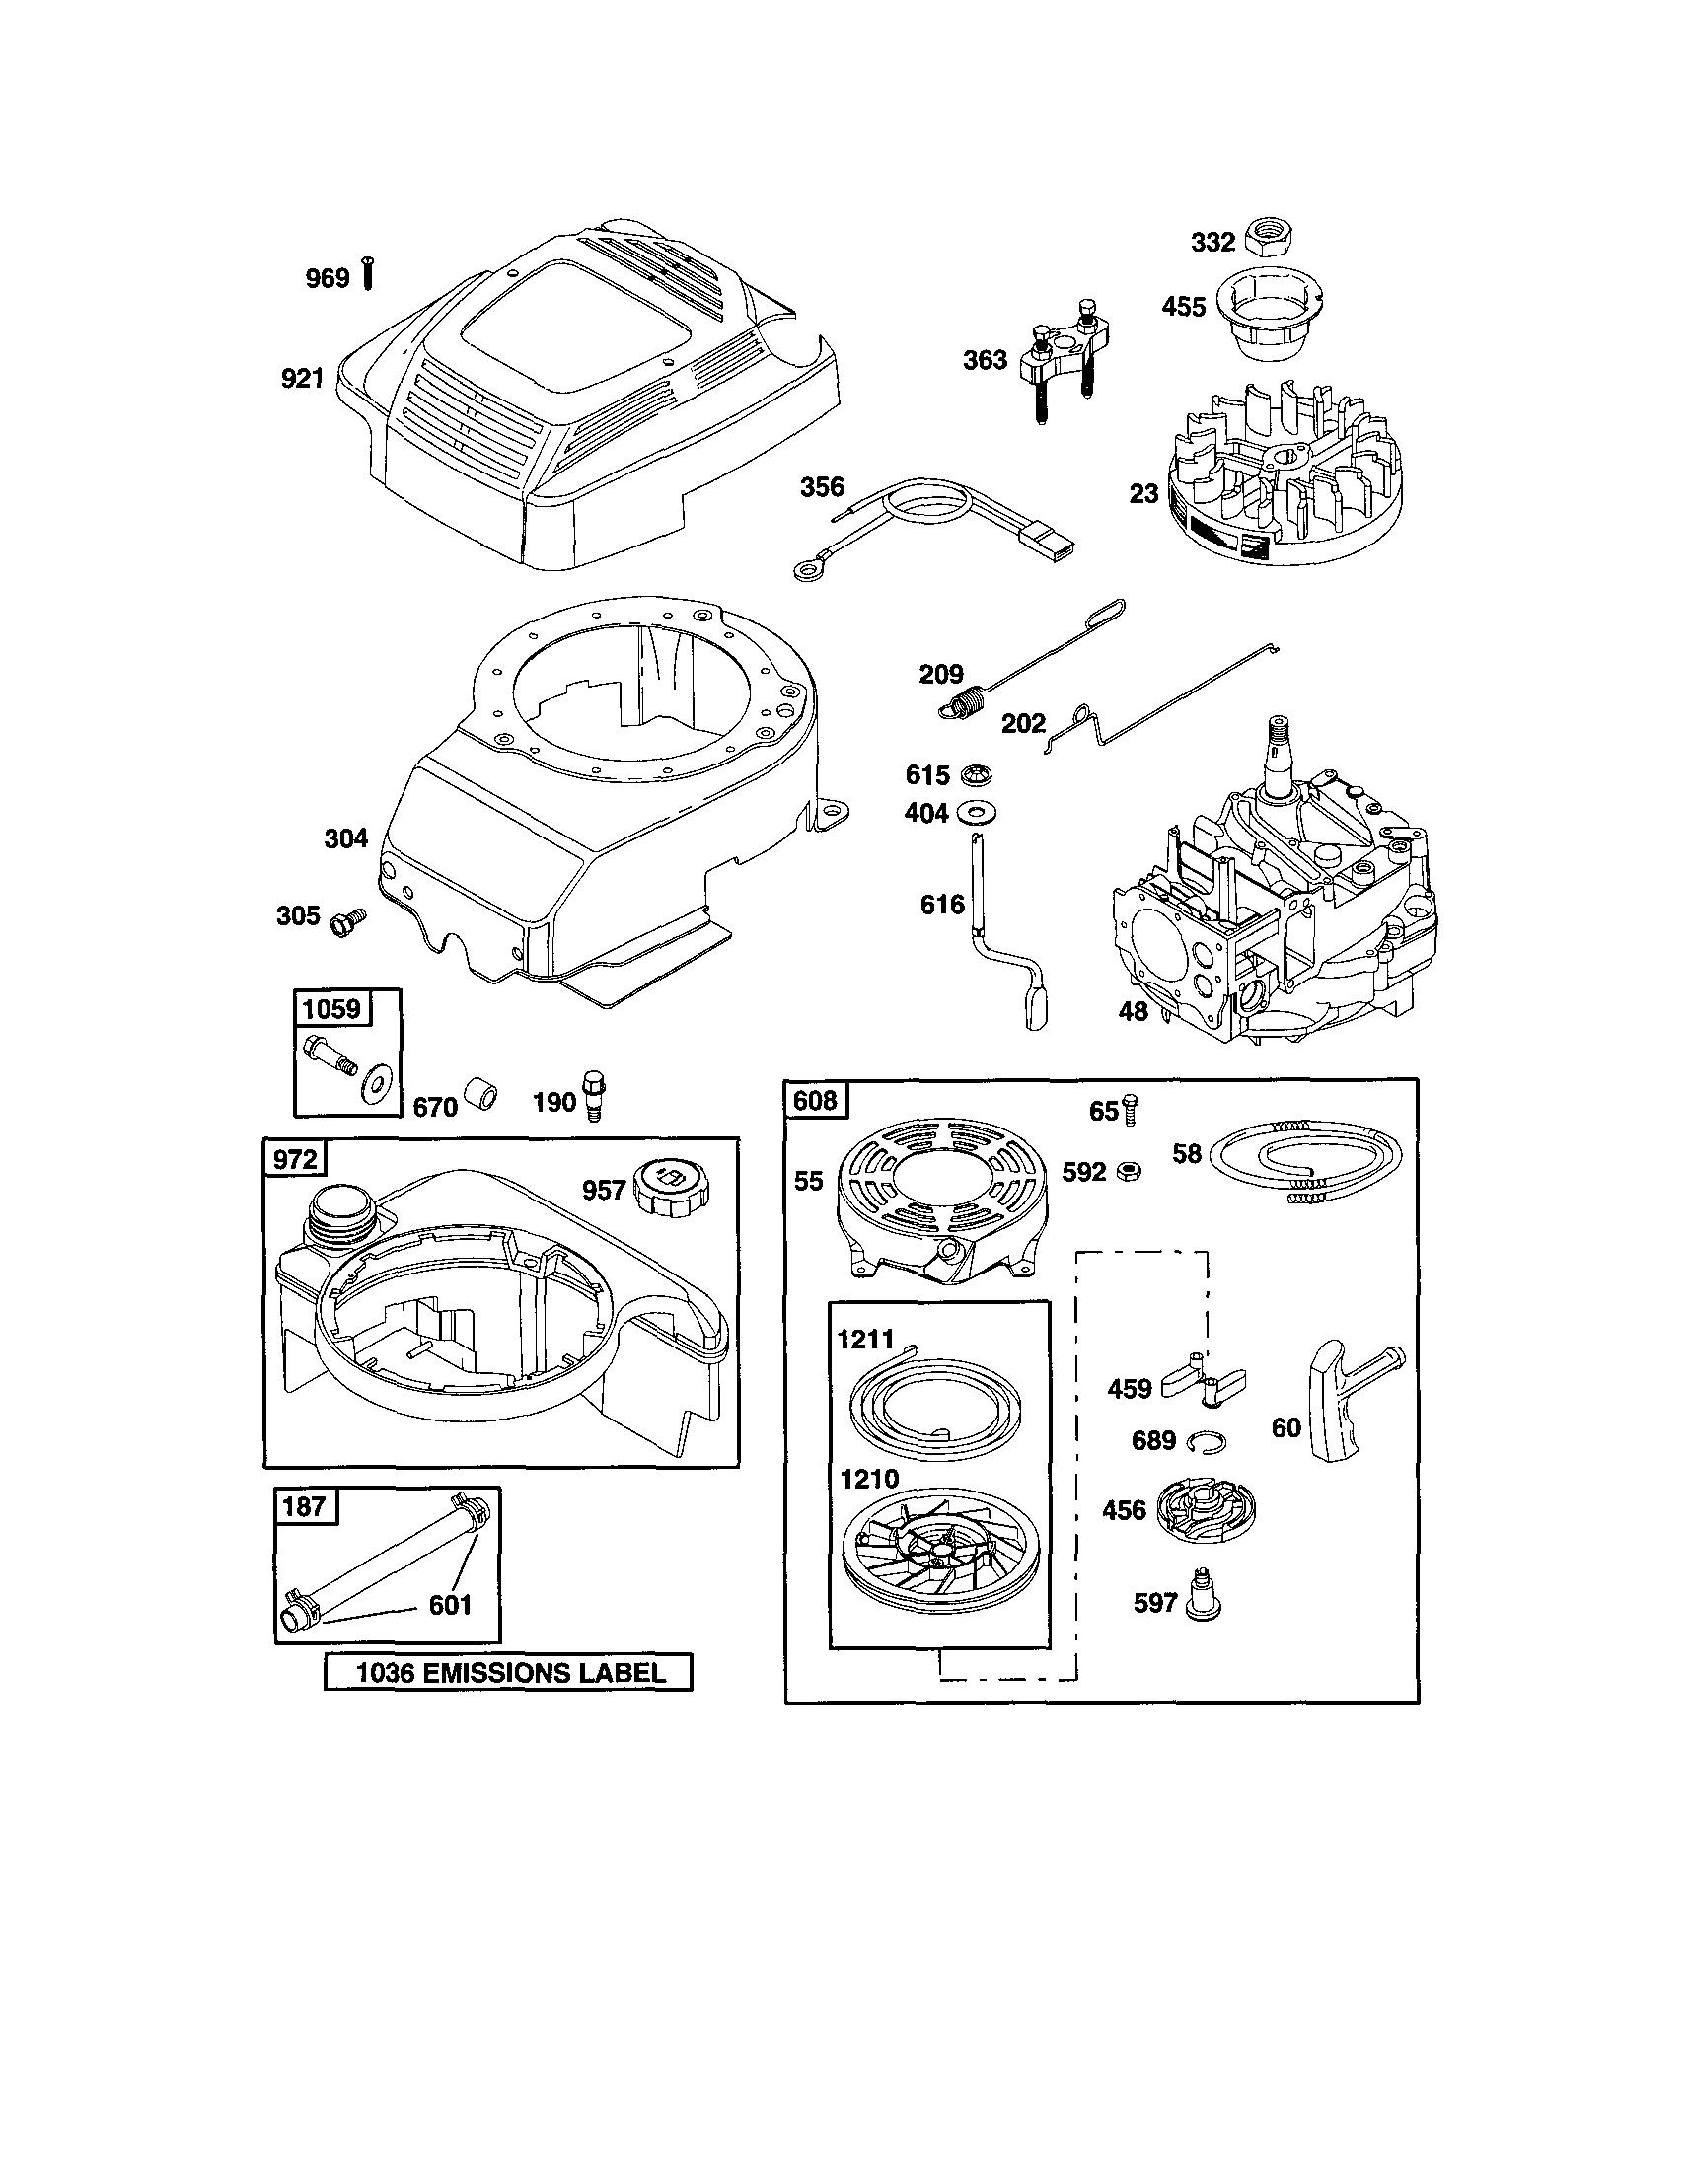 Briggs-Stratton model 12H802-2639-B1 engine genuine parts